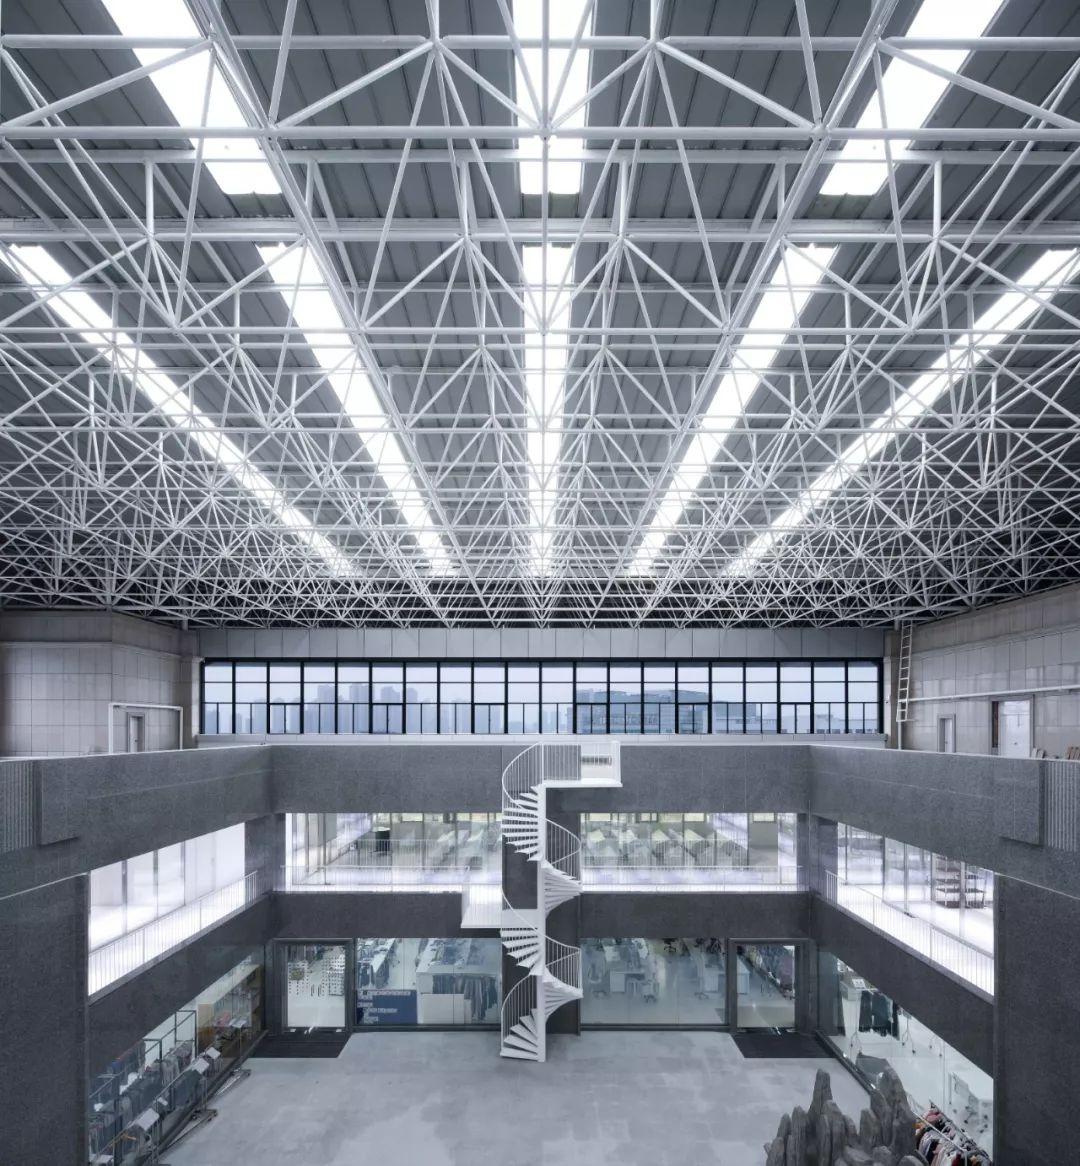 晨风集团时尚中心工厂室内改造设计/Joseph Dejardin